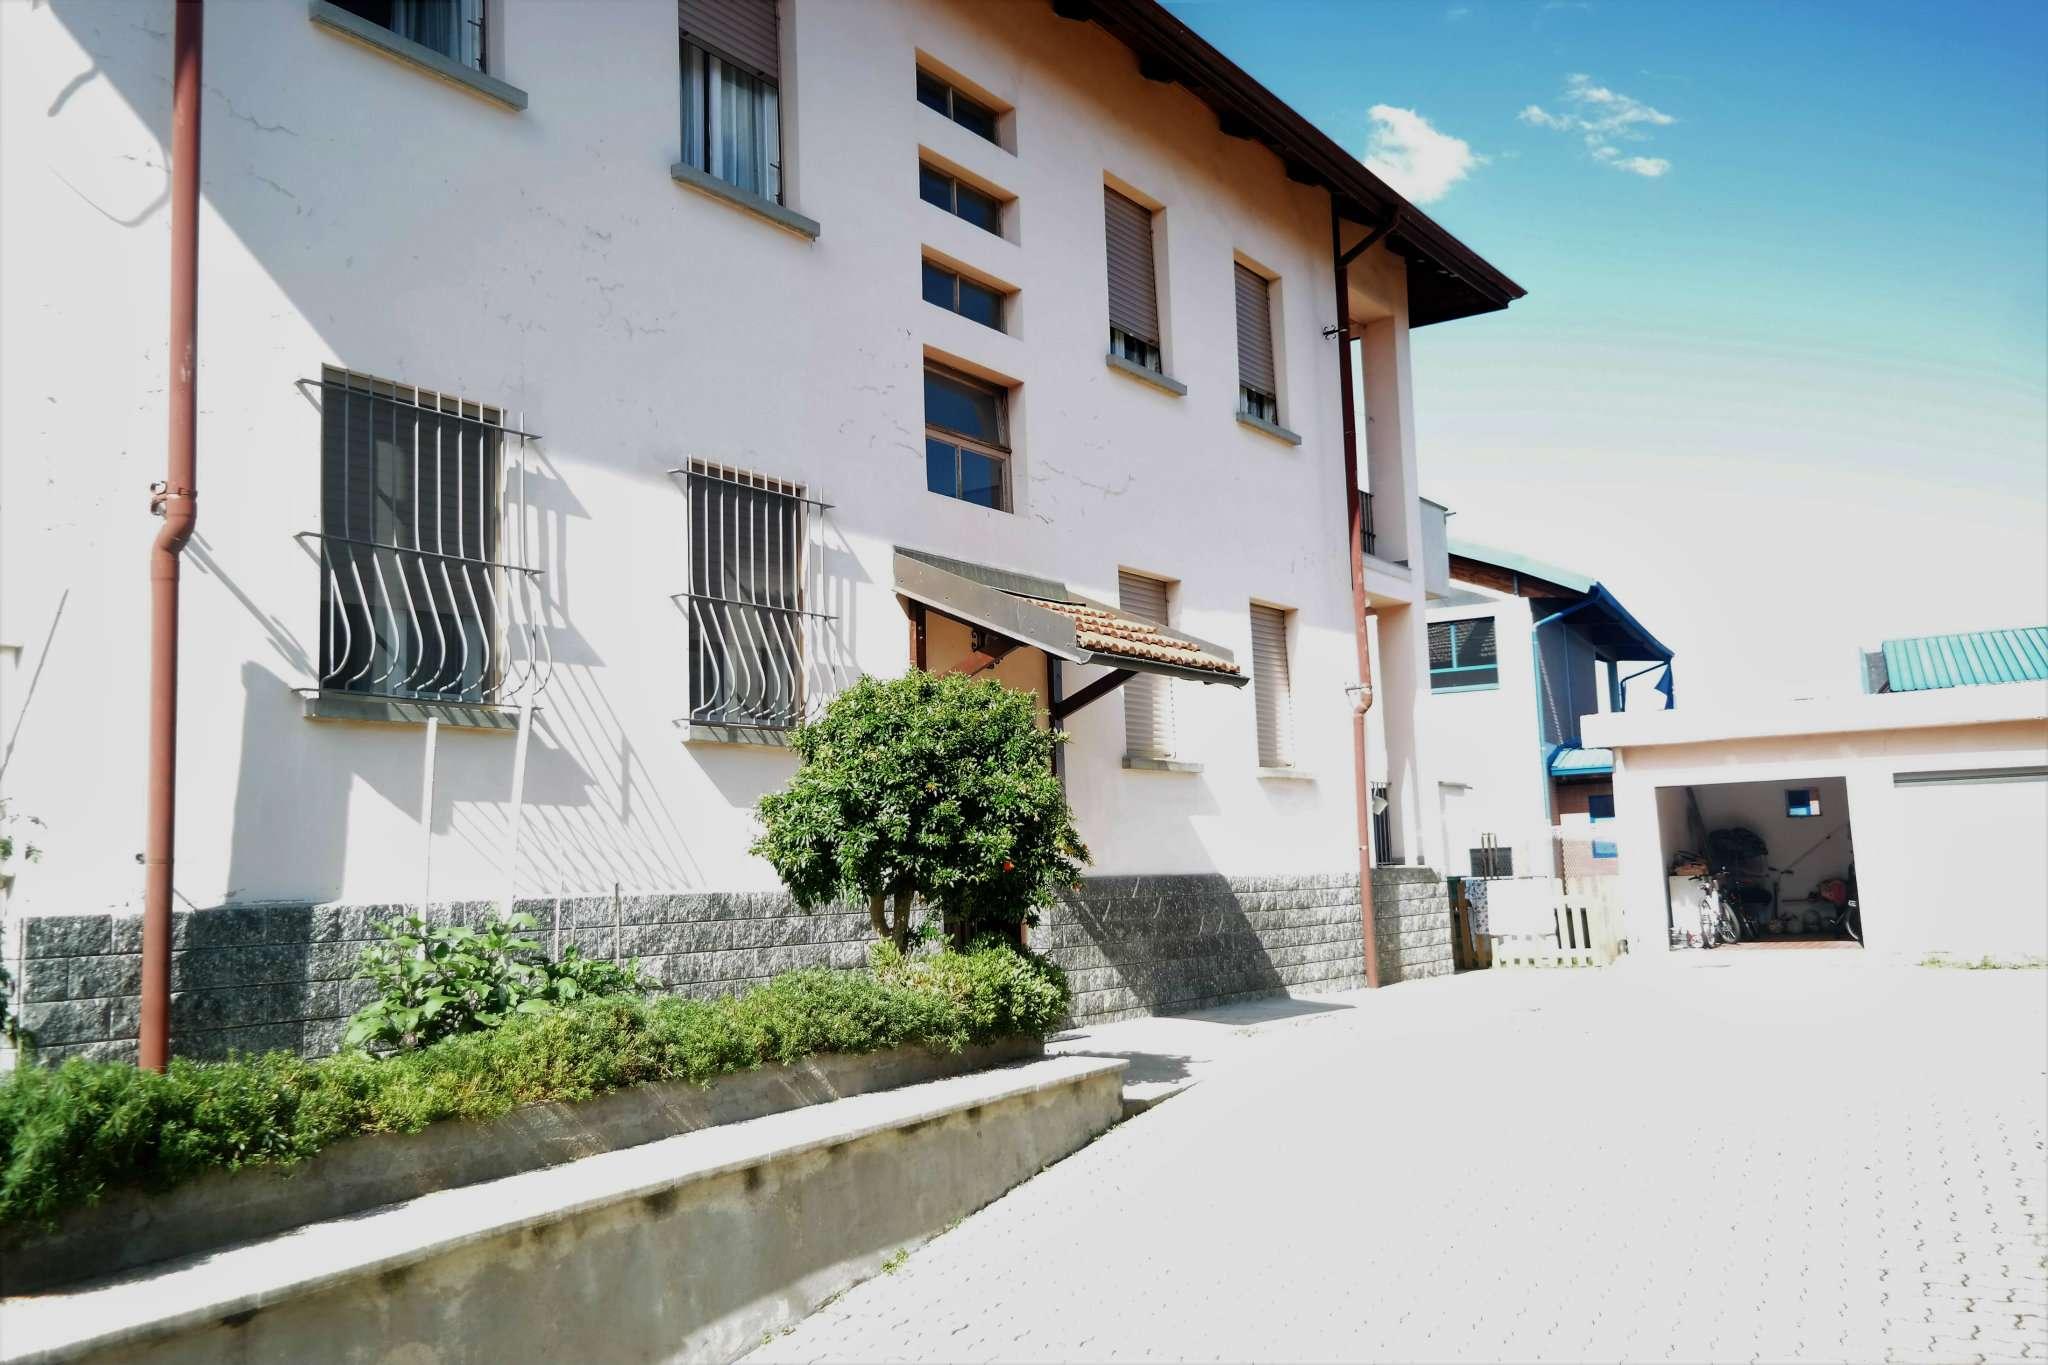 Appartamento in vendita a Alpignano, 4 locali, prezzo € 145.000 | CambioCasa.it